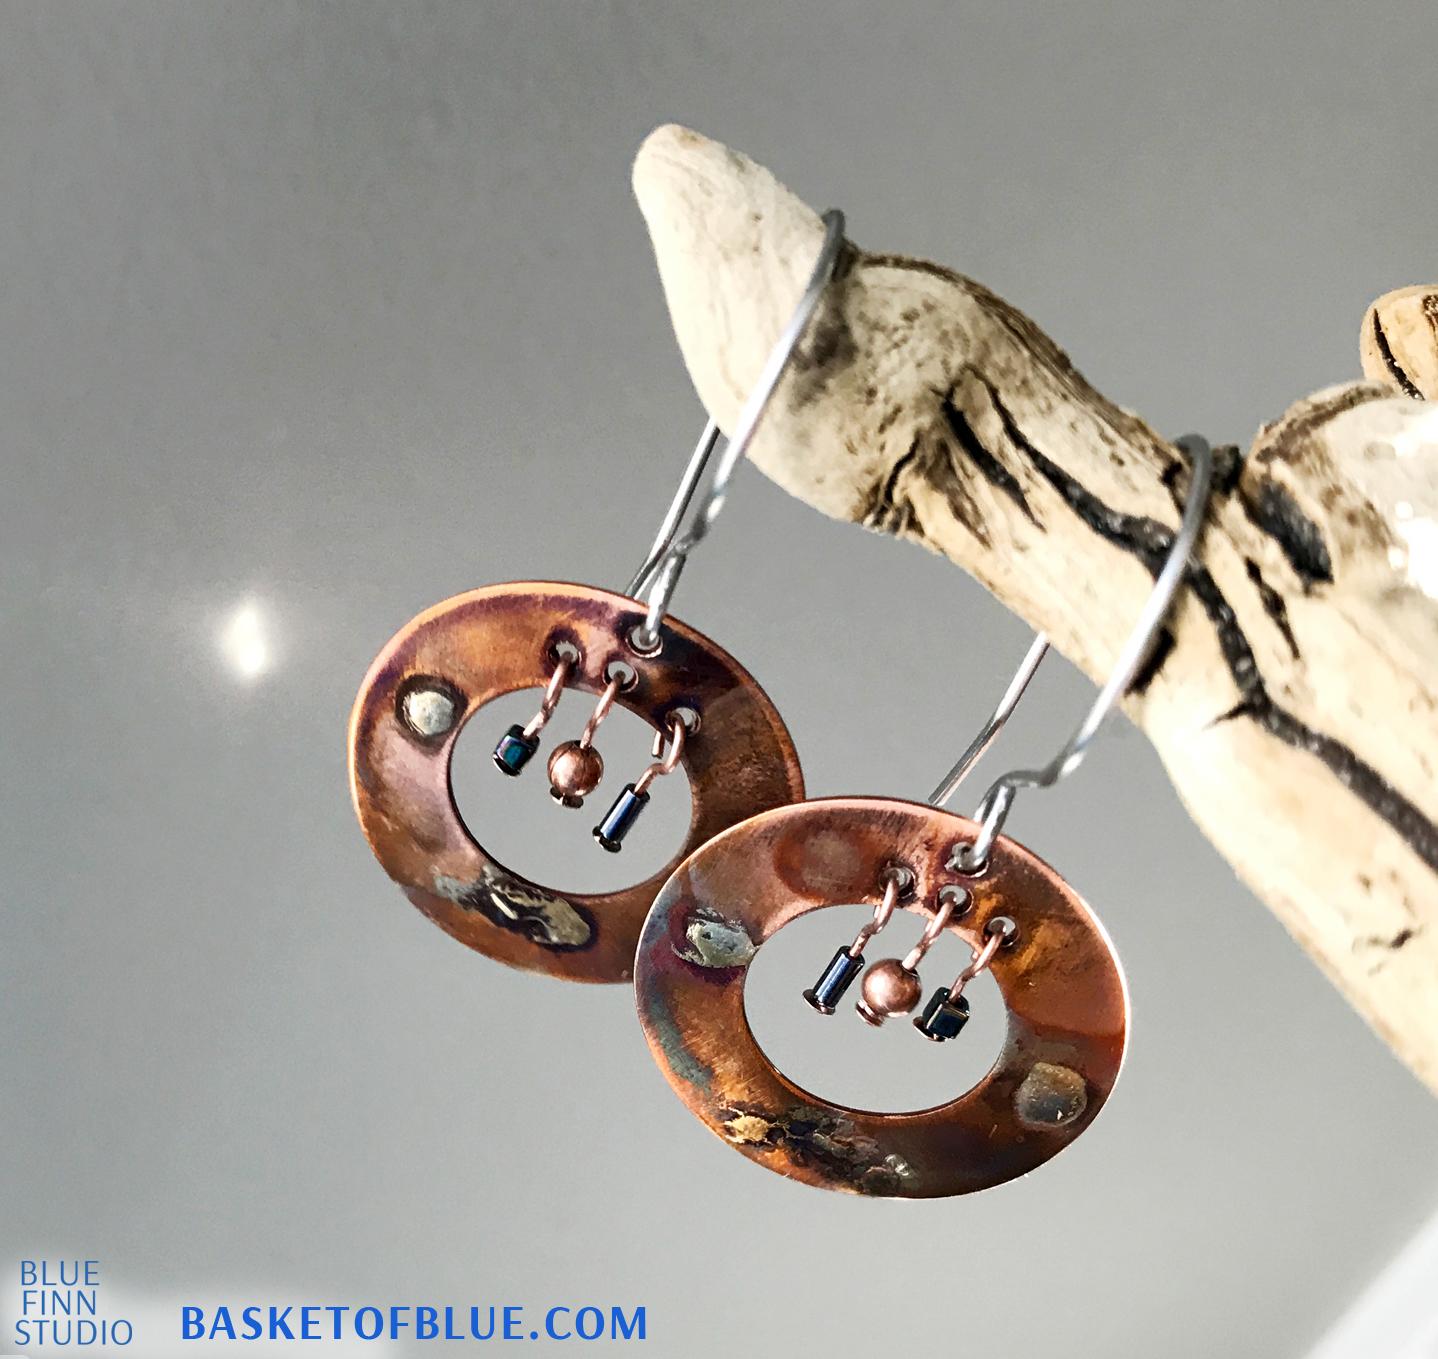 bd8f7c1aa Boho Hoop Earrings, Mixed Metal Tribal Hoop Dangles - Basket of Blue